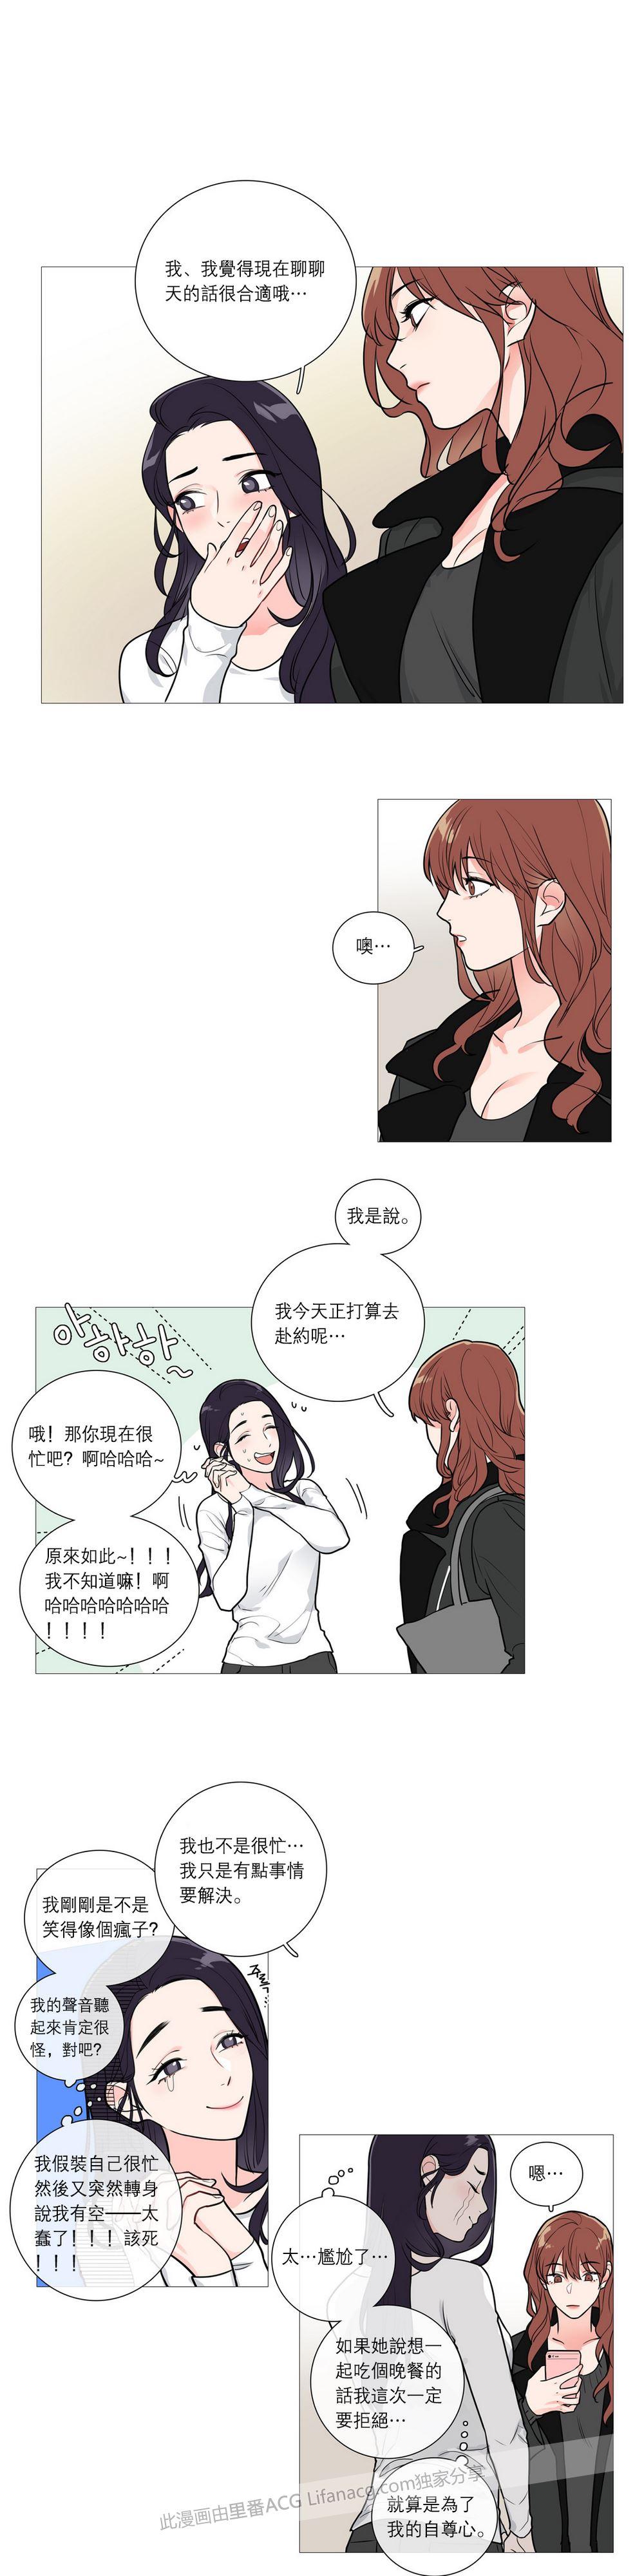 里番ACG - lfa.xieecou.com